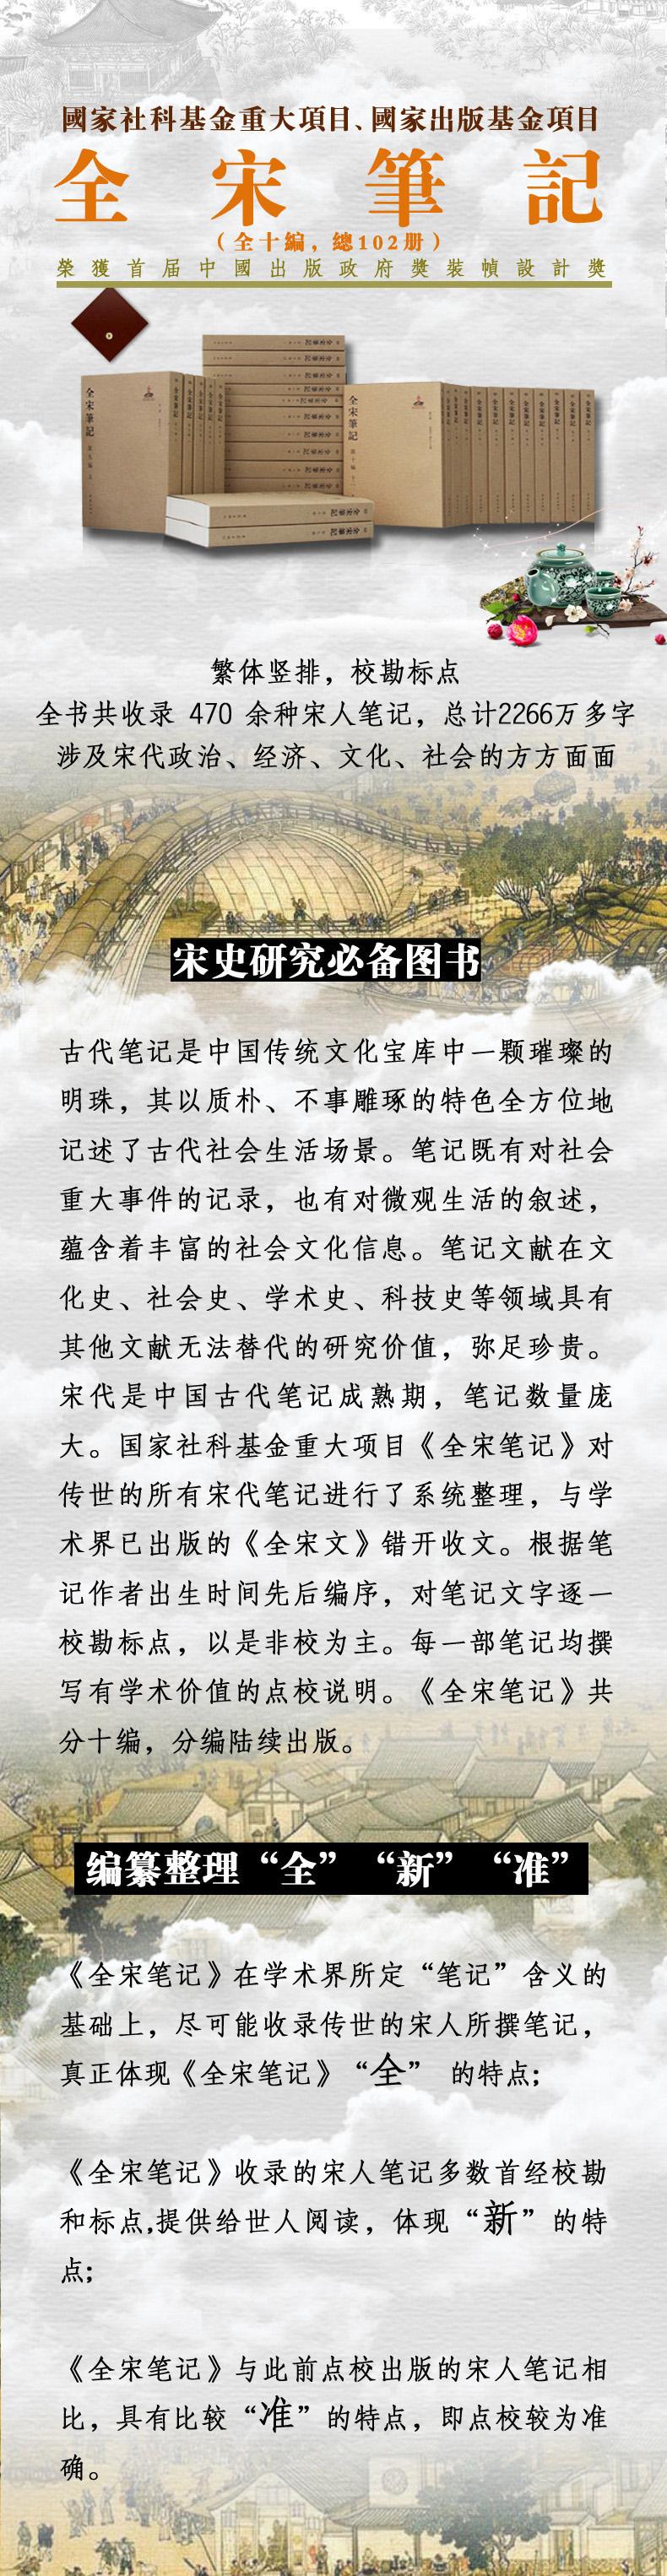 全宋筆記(全10編全102册)